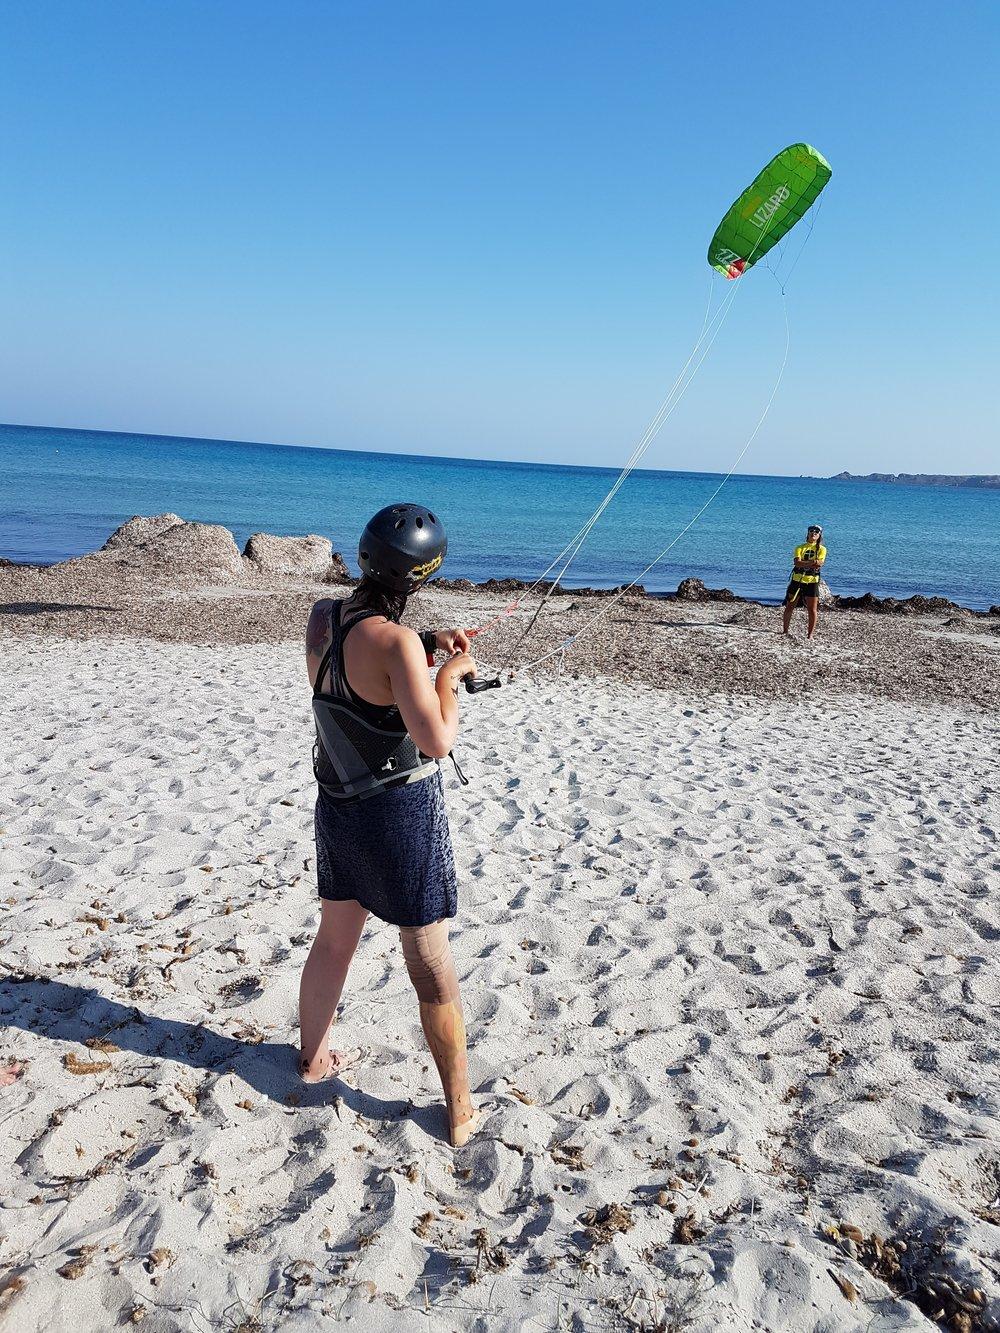 Lou Flying The Power Kite - Level 1